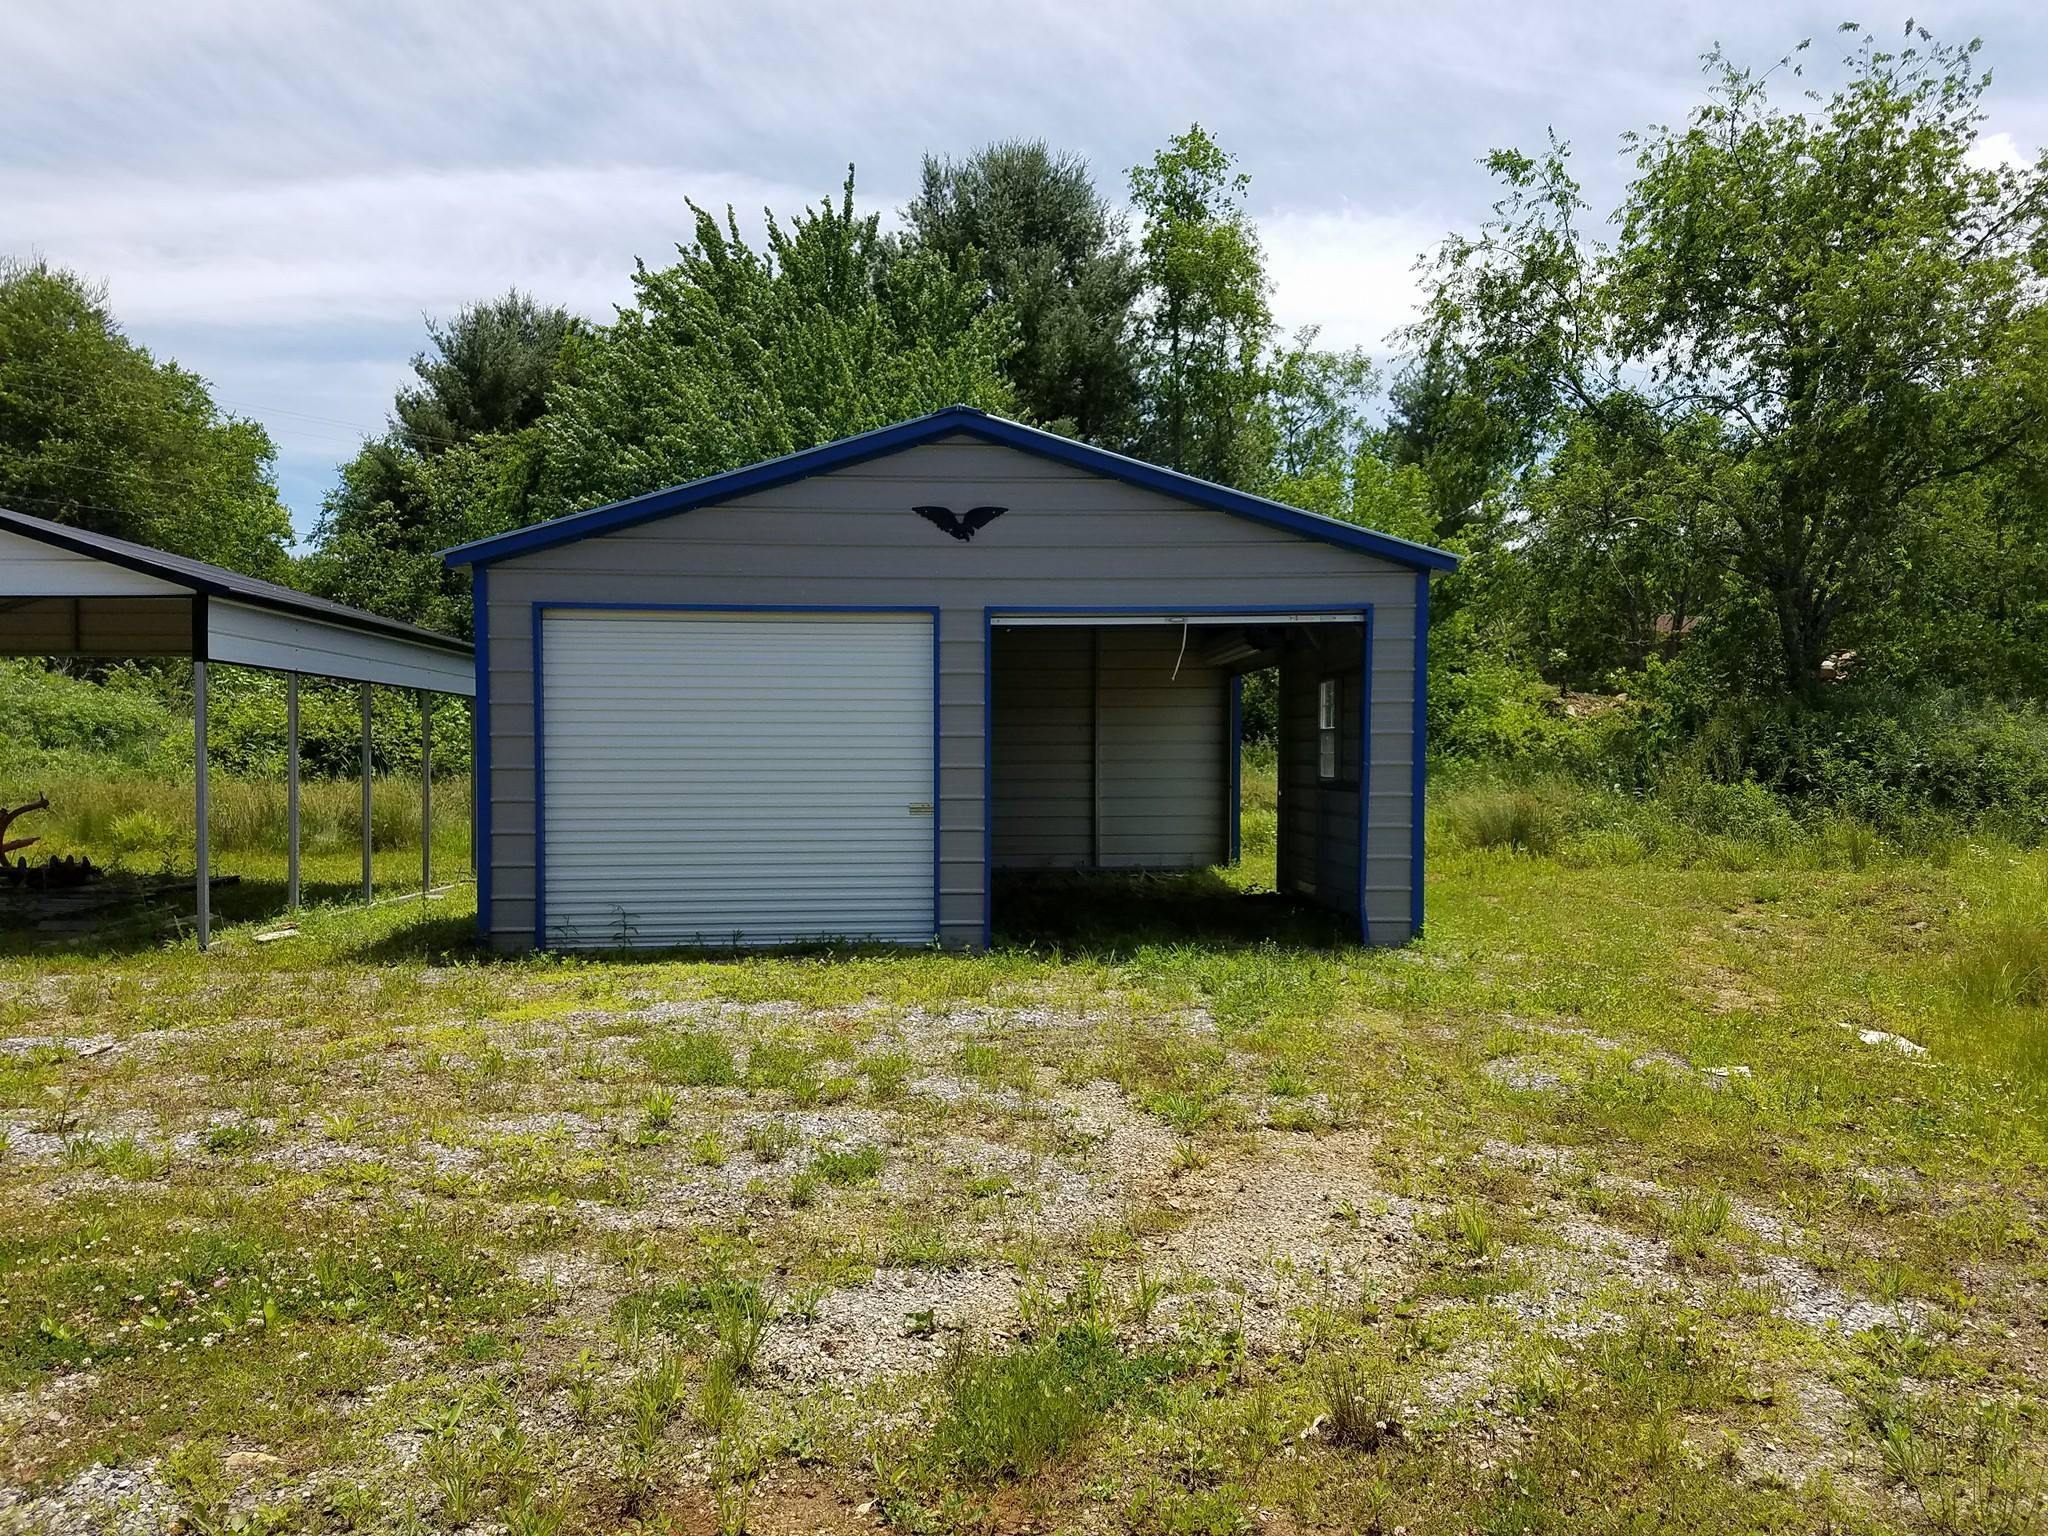 Enclosed Garage - double door